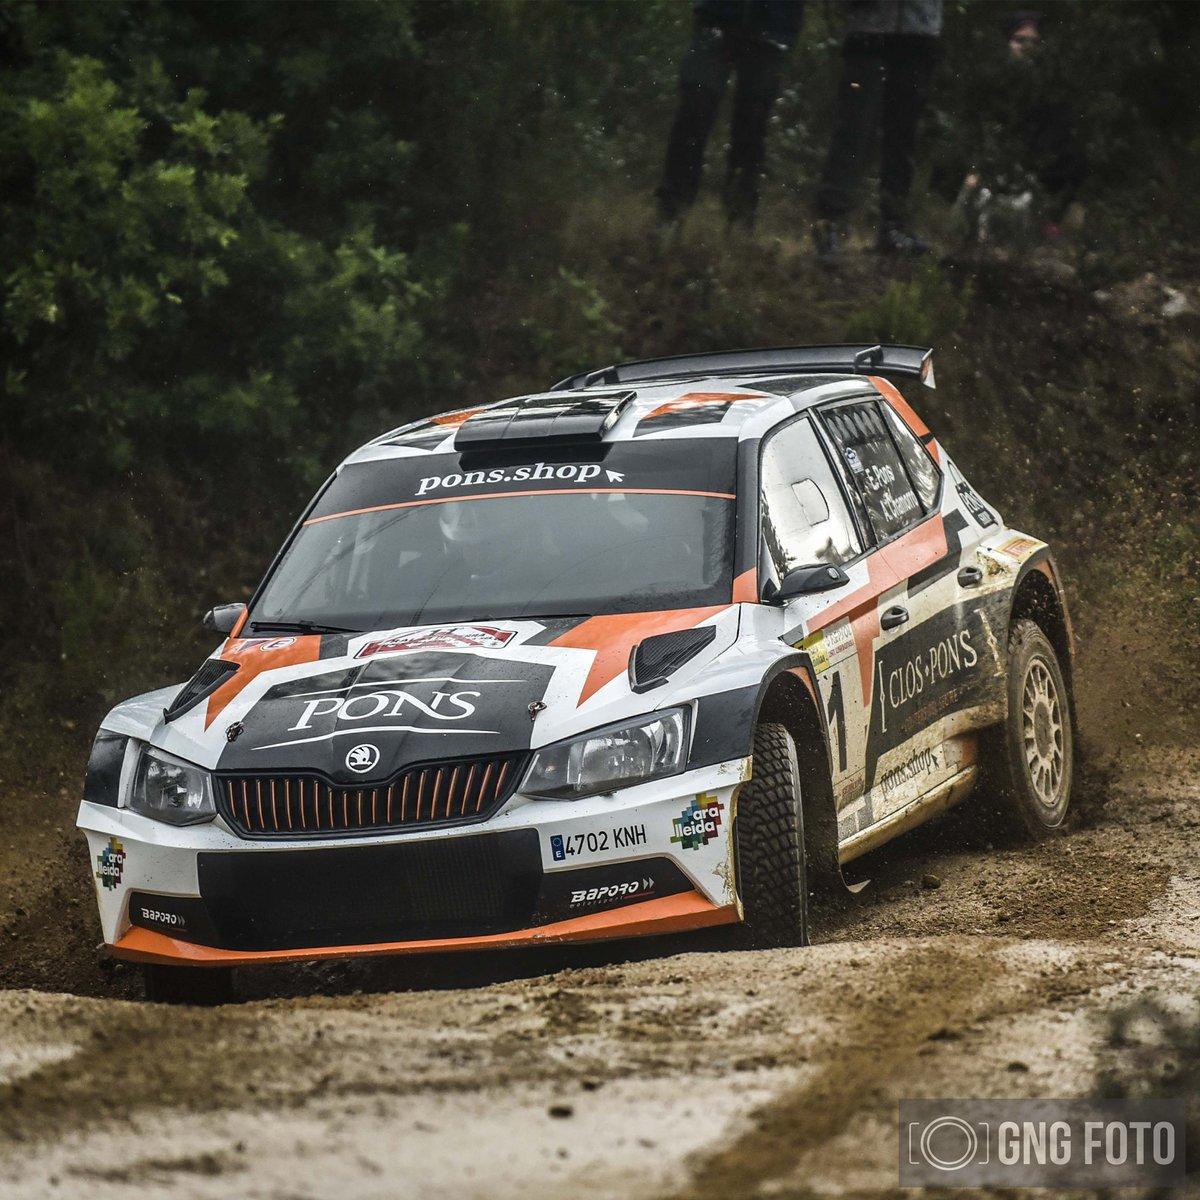 Imatge del rally Maçanet-Vidreres, cita habitual al calendari de motor de la comarca de La Selva. ⠀⠀⠀⠀⠀⠀⠀⠀⠀  Ruben Garcia / @gngfoto ⠀⠀⠀⠀⠀⠀⠀⠀⠀ #sportsphotography #sports #wrcrally #wrccatalunya #wrclive #wrcpic.twitter.com/Dz9Zbxm97B